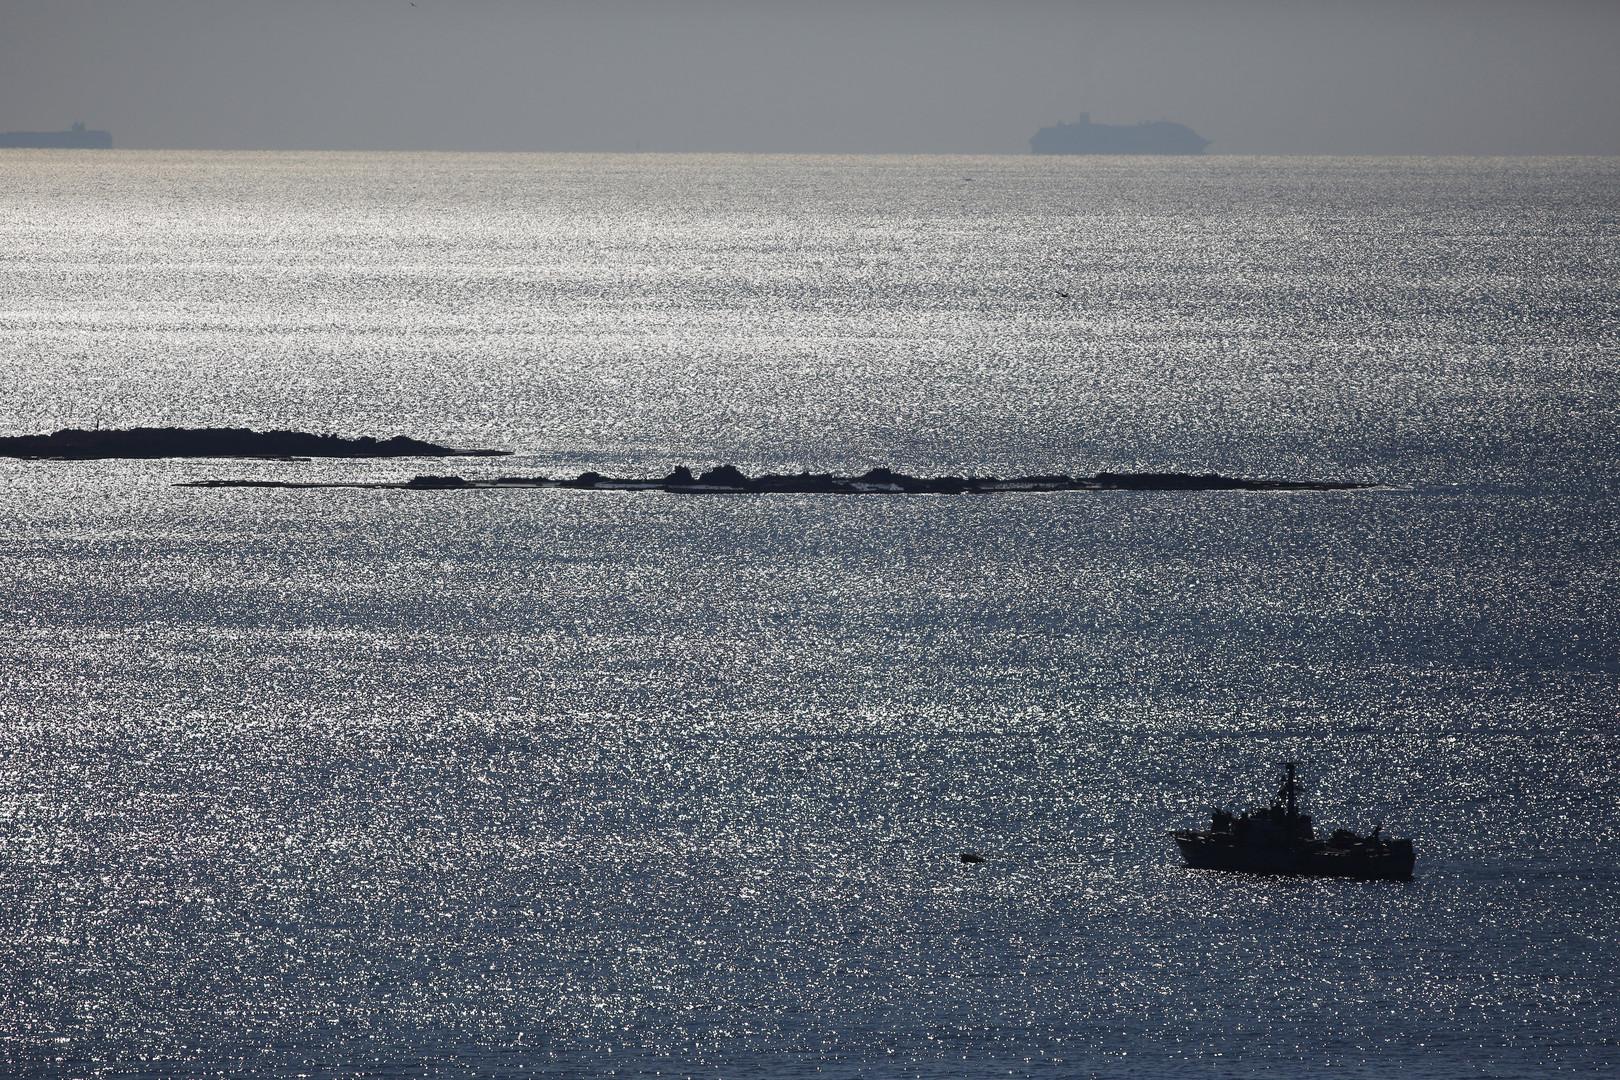 سفينة إسرائيلية في البحر الأبيض المتوسط قرب مياه لبنان